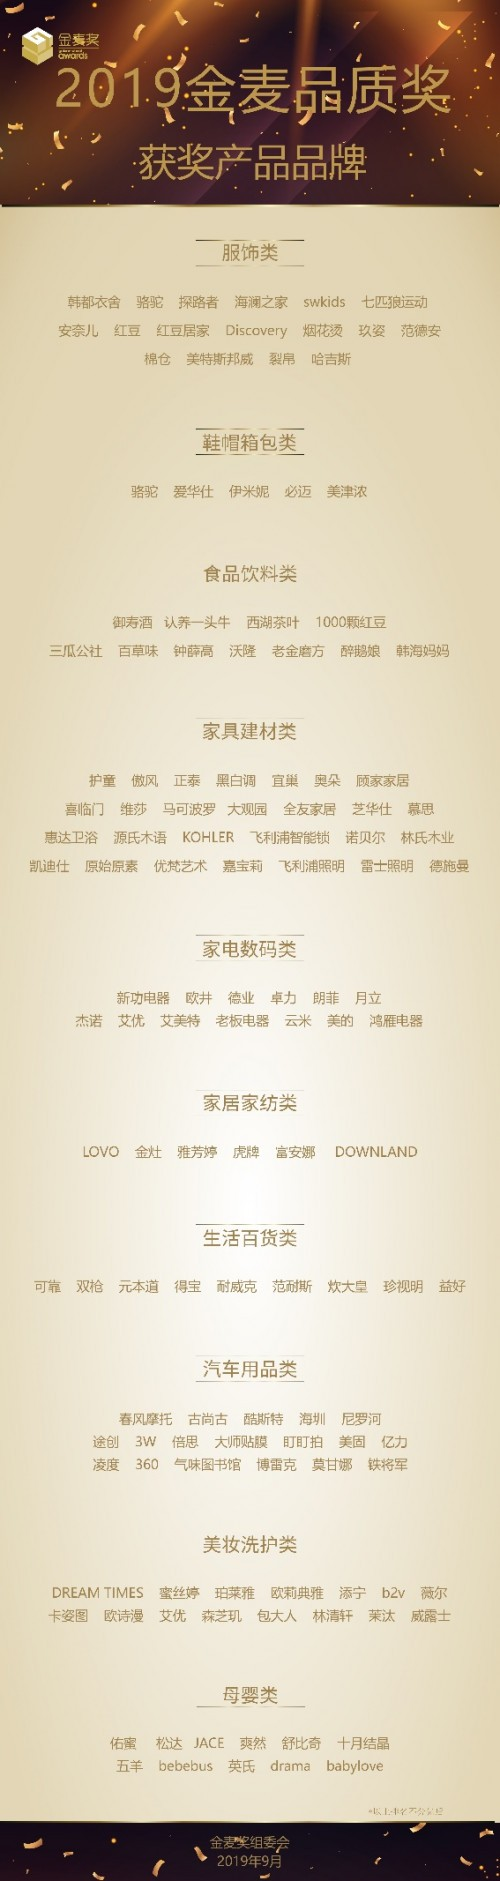 2019金麦奖品质生活节在杭举办 酷炫趣味体验引探物风潮